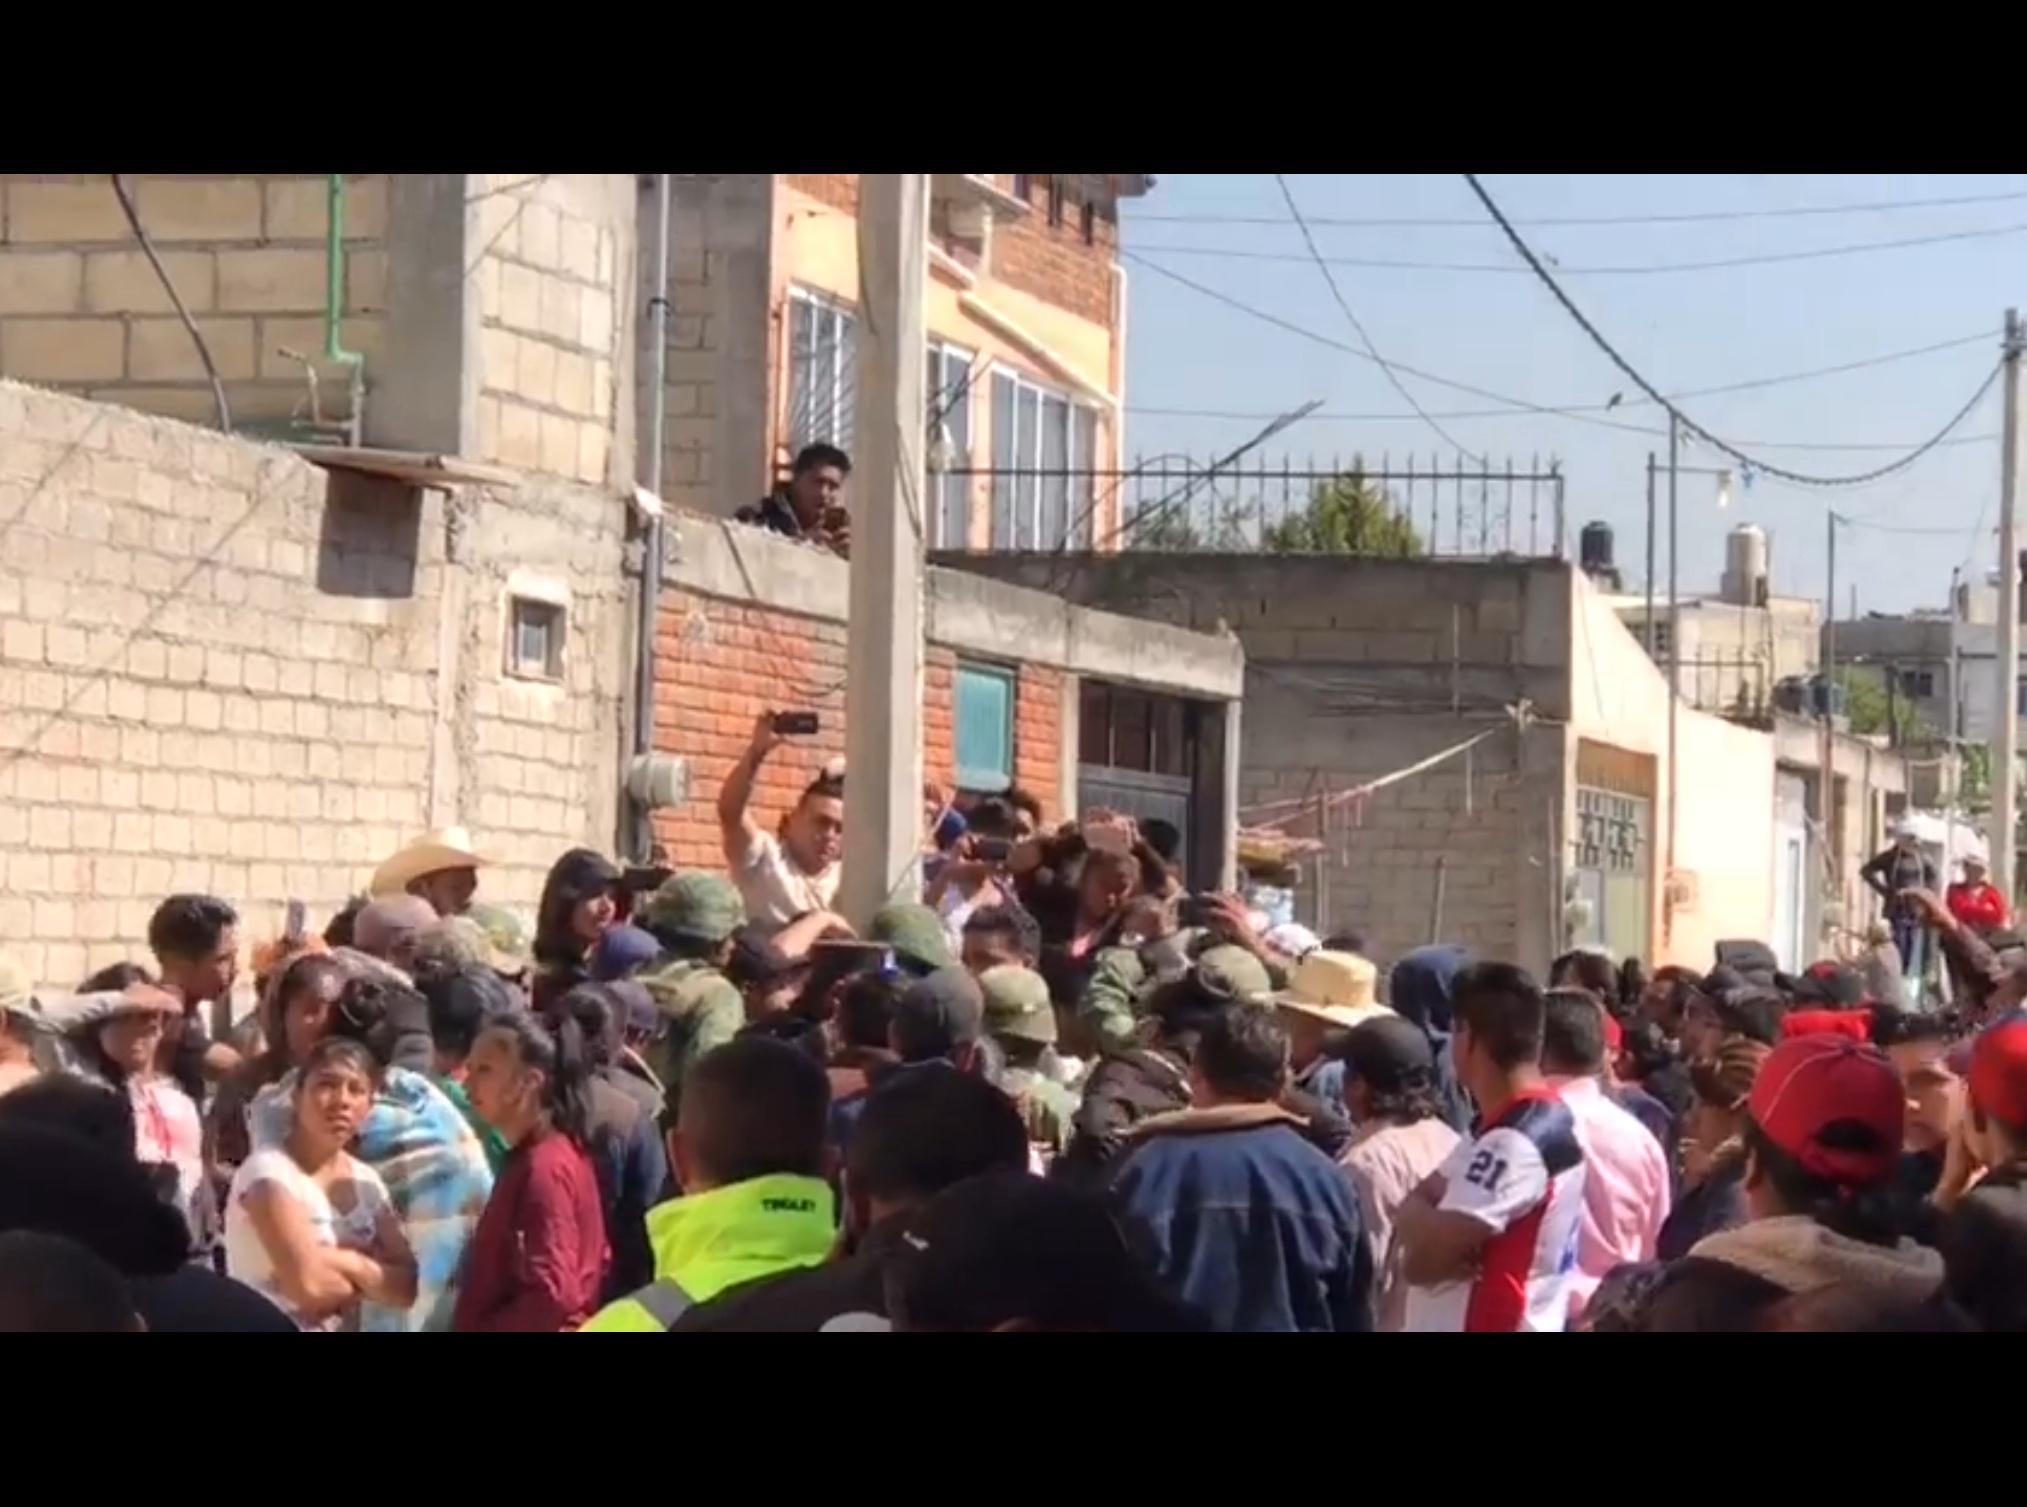 Crece hartazgo, otro intento de linchamiento en Toluca